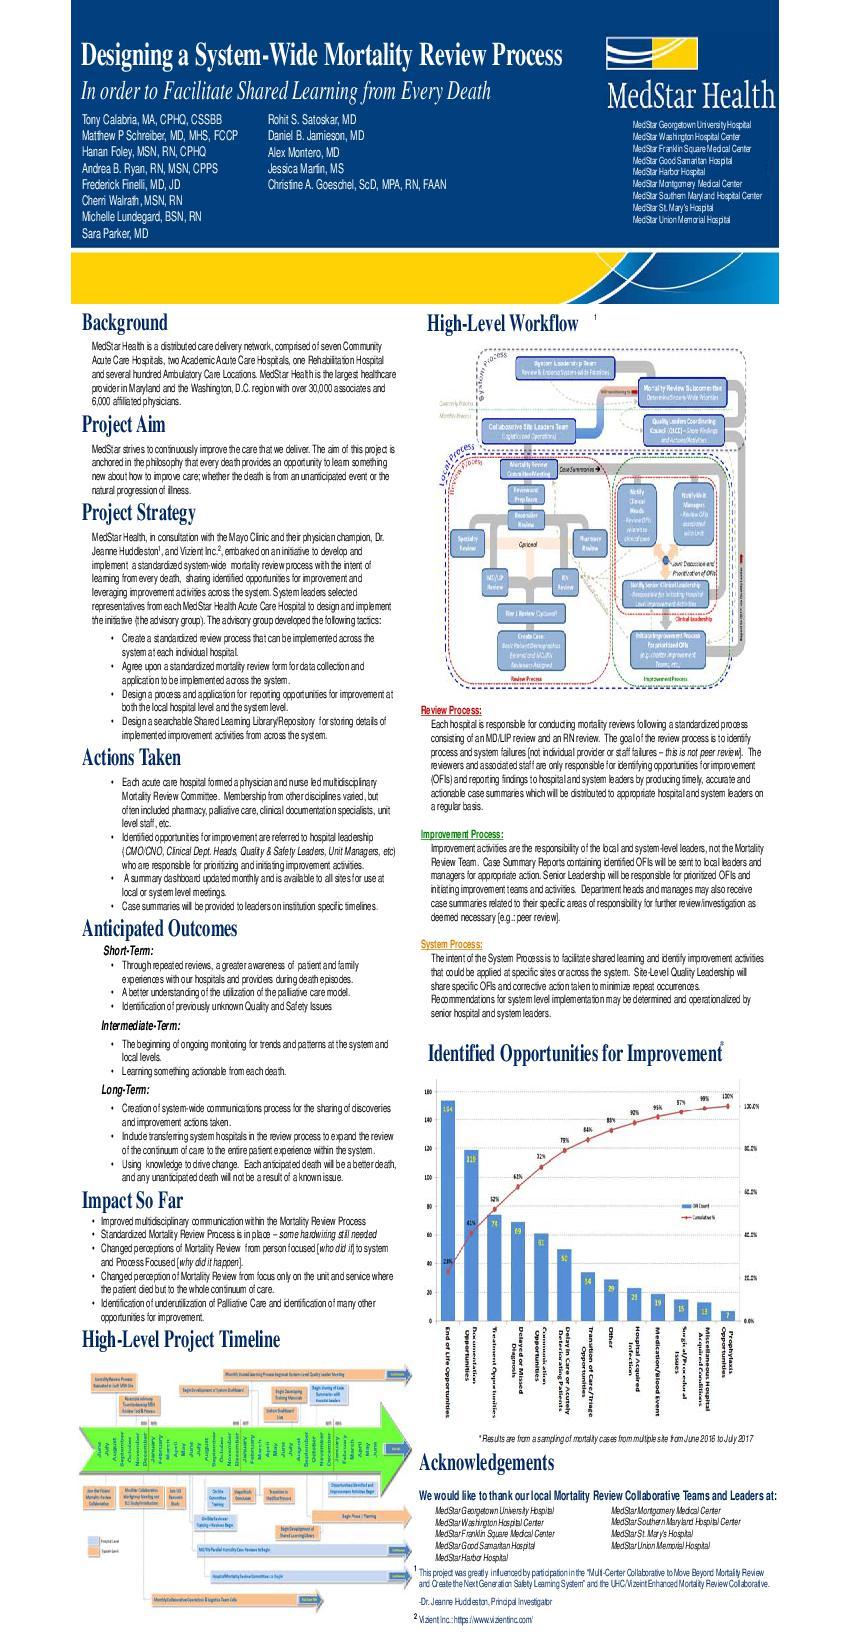 MedStar Mortality Review Poster for IHI Final